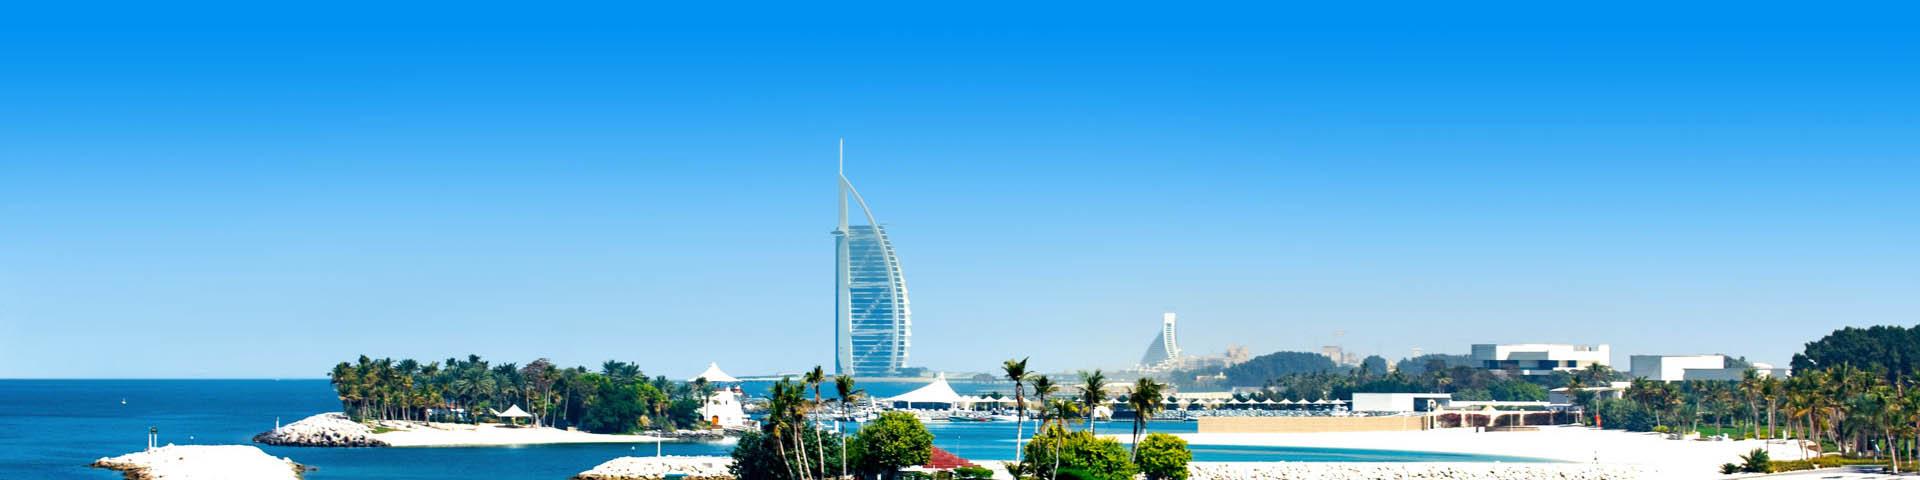 Uitzicht over Dubai met de Burj al Arab op de achtergrond